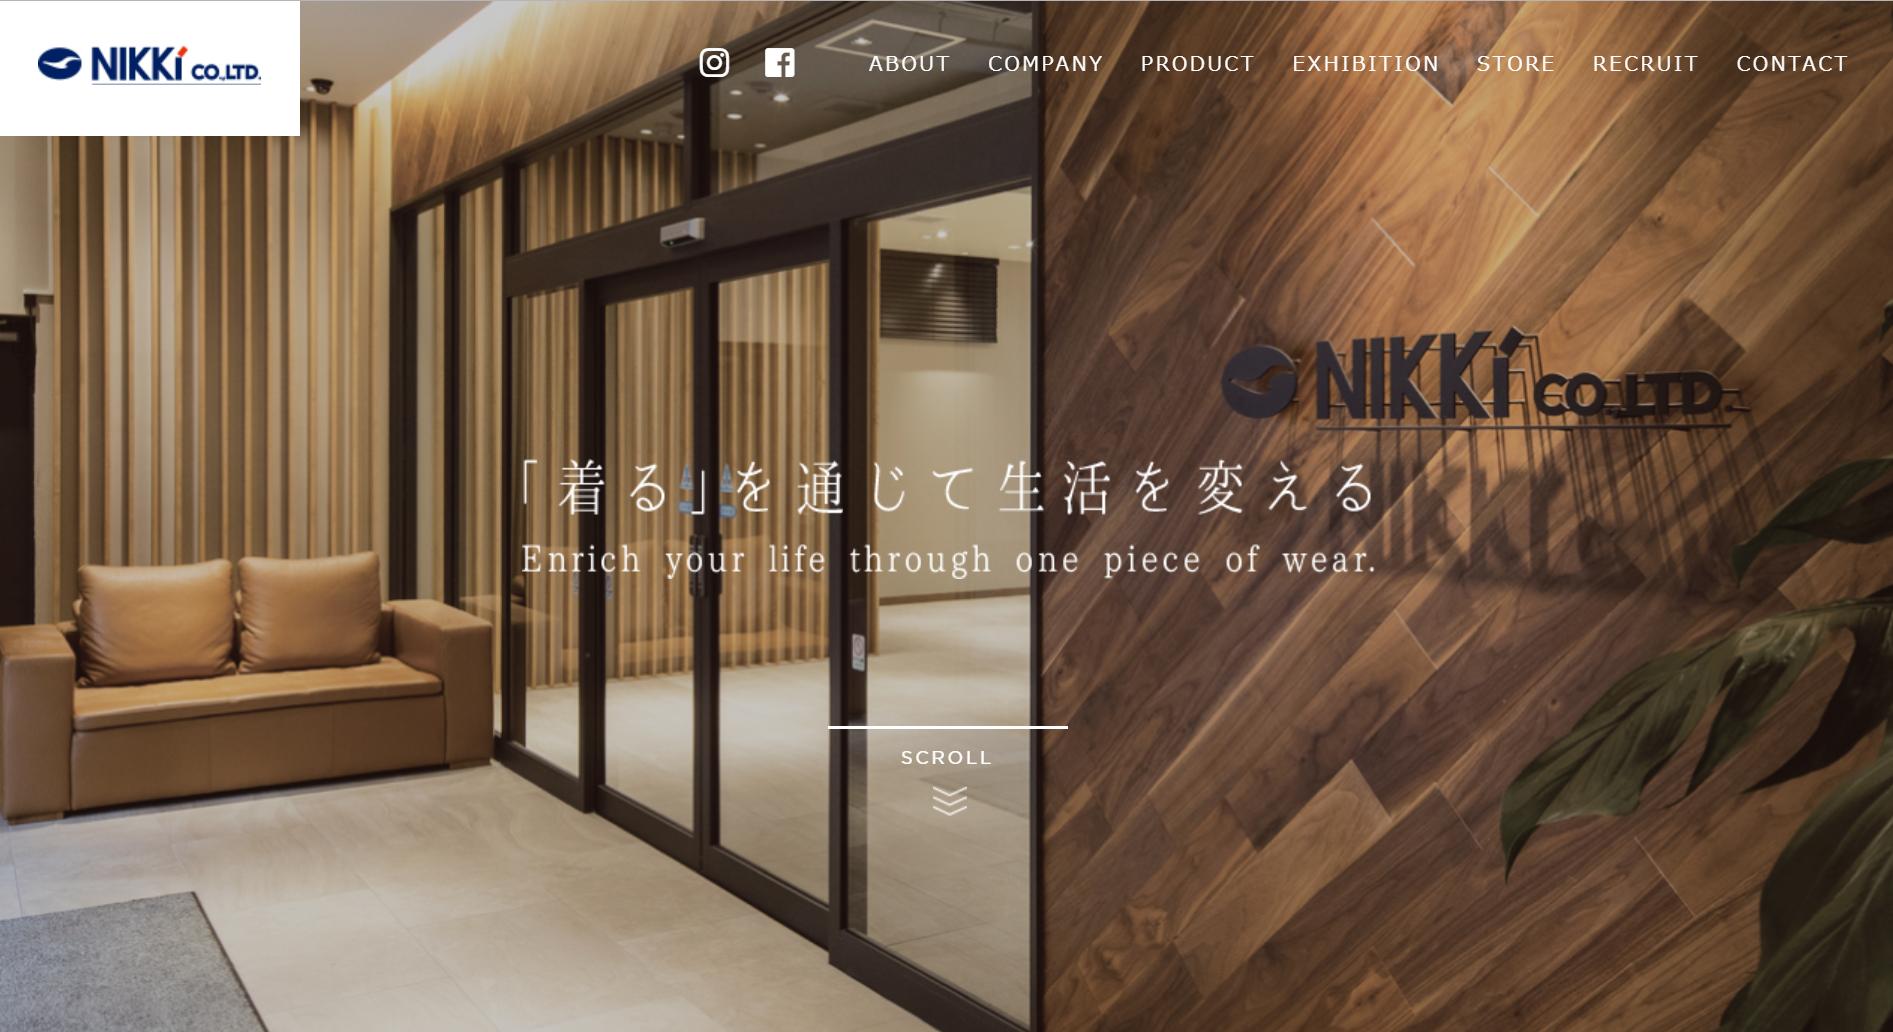 ニッキー株式会社のコーポレートサイト、ファーストビューにメッセージを掲載